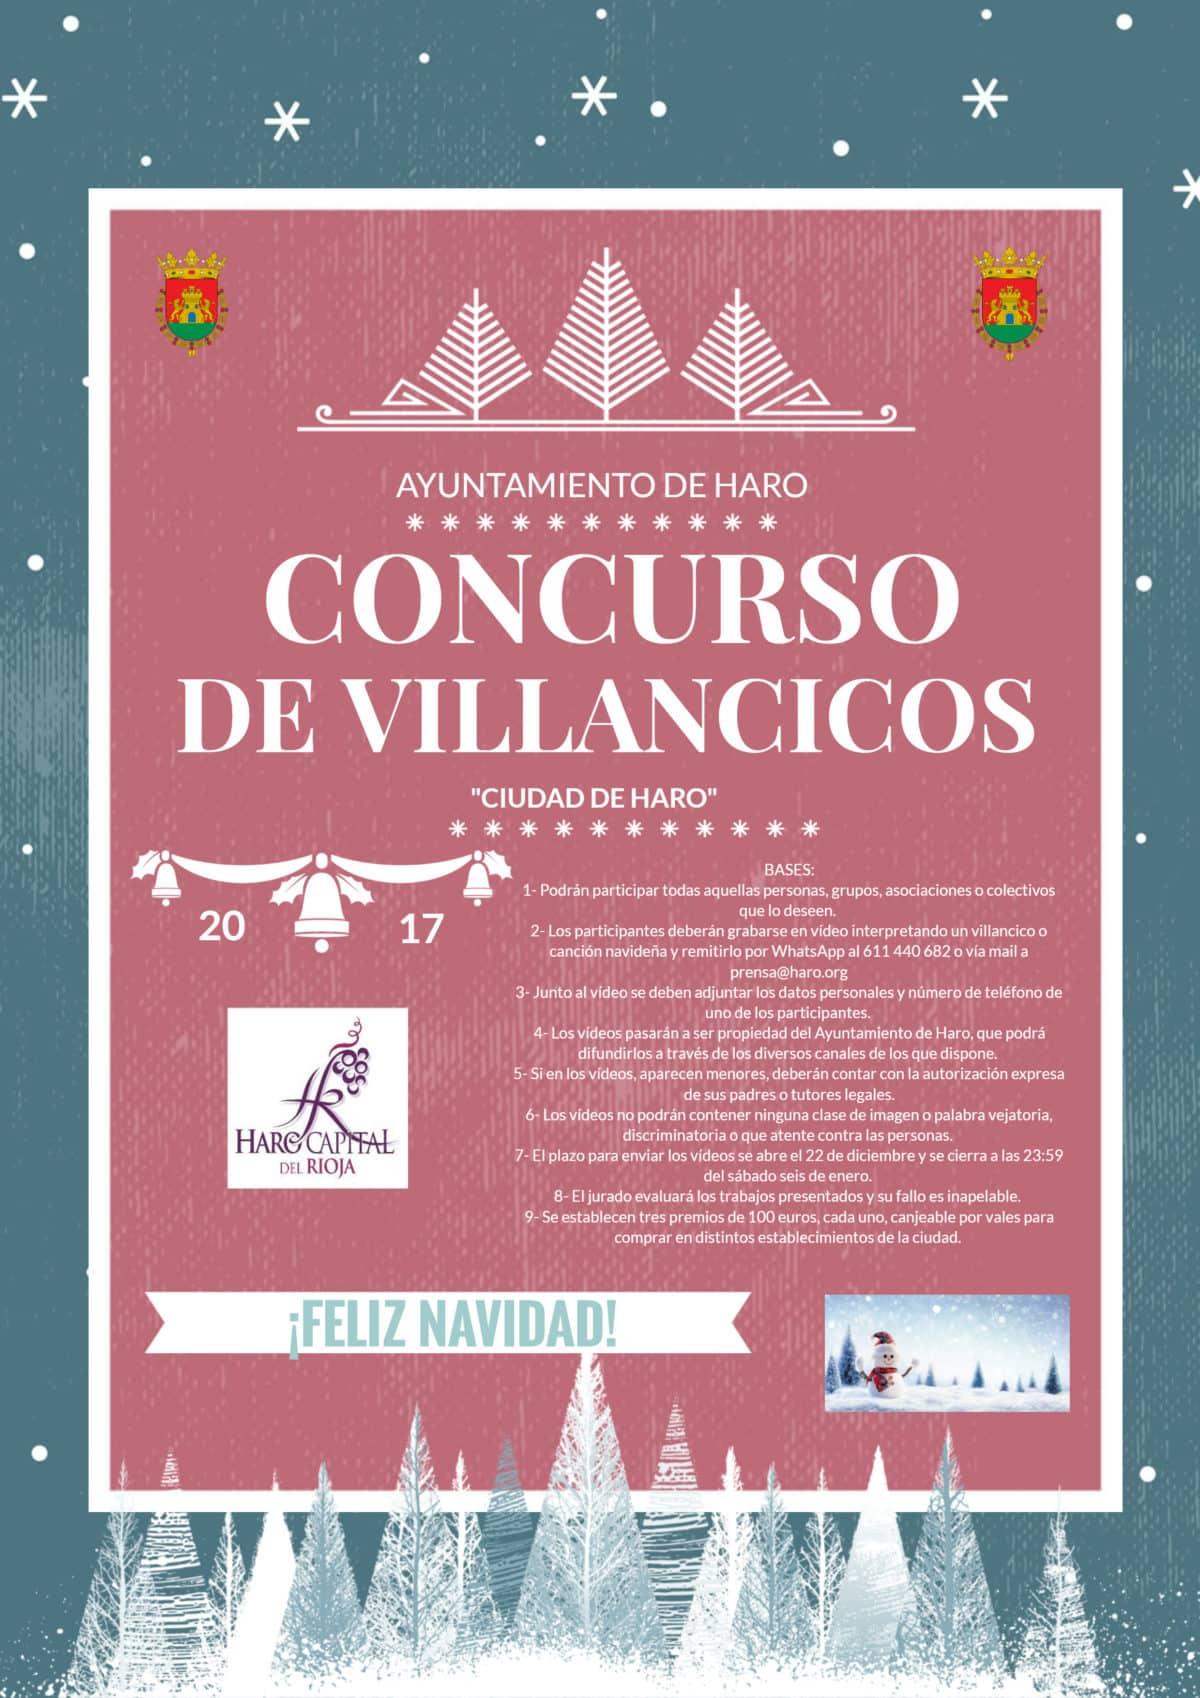 El Ayuntamiento de Haro lanza un Concurso de Villancicos con 300 euros en premios 3